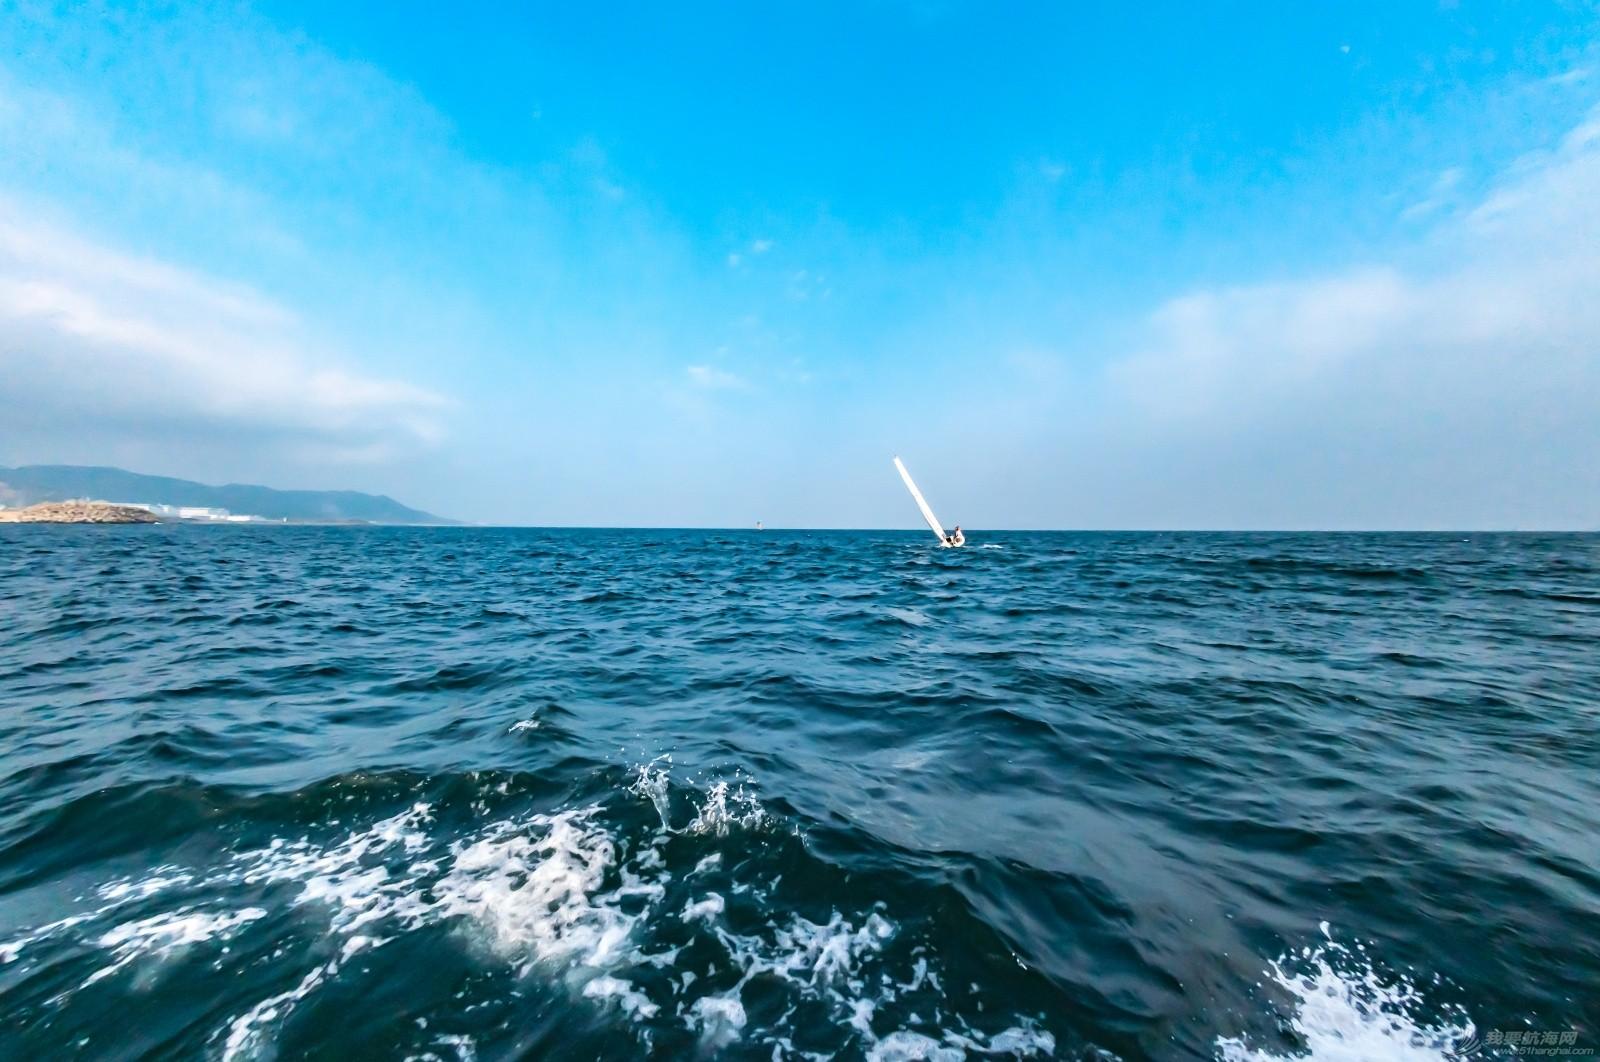 帆船 【2015大鹏杯帆船赛】鱼眼看航海 16028.jpg